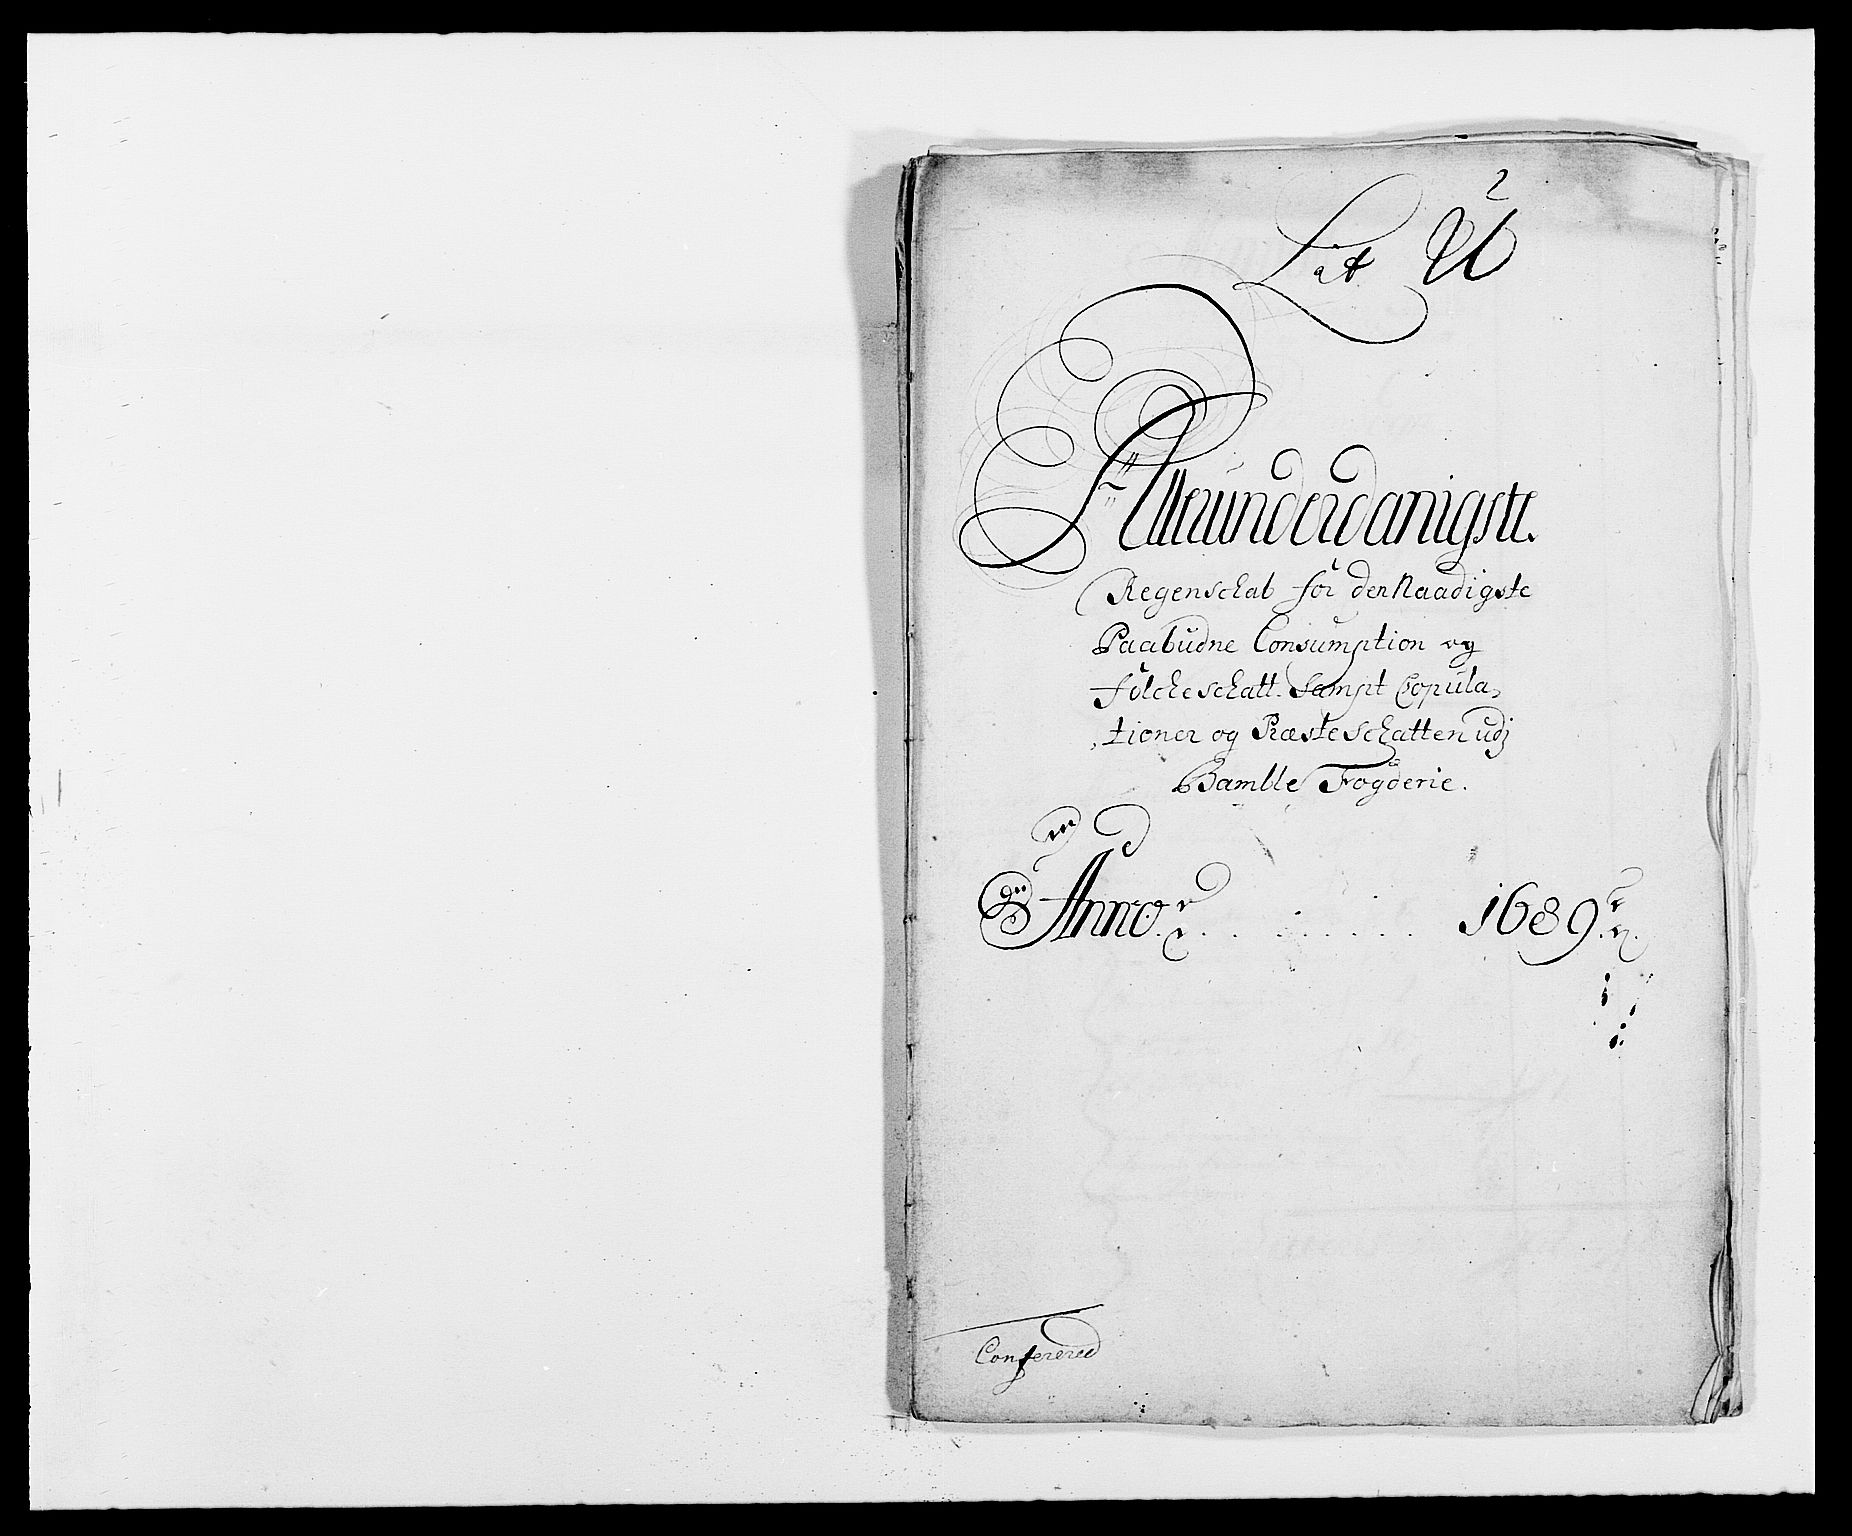 RA, Rentekammeret inntil 1814, Reviderte regnskaper, Fogderegnskap, R34/L2050: Fogderegnskap Bamble, 1688-1691, s. 349